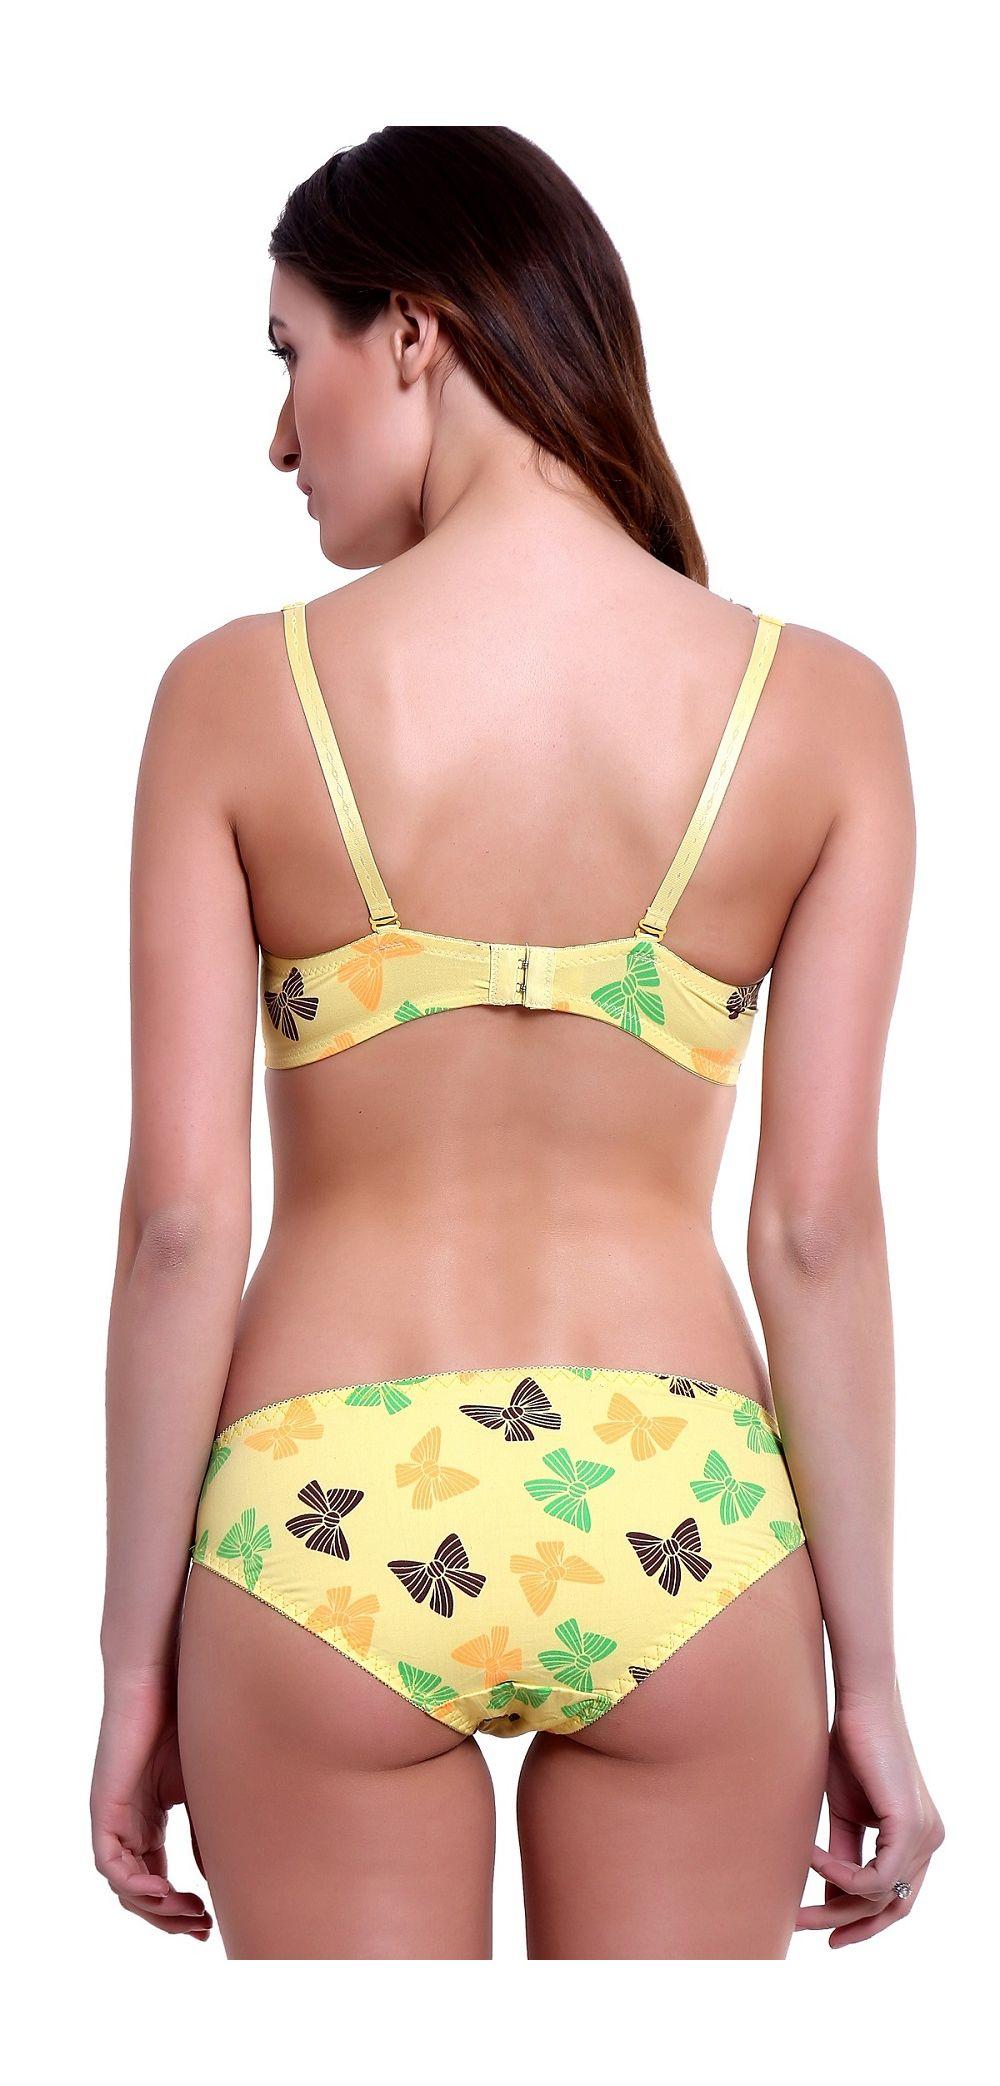 c9f52ffa19 YELLOW Love Butterfly Cotton Underwire non Pushup T-Shirt Bra   Bikini Panty  Set. 1623 ultra-white shiny lace ...